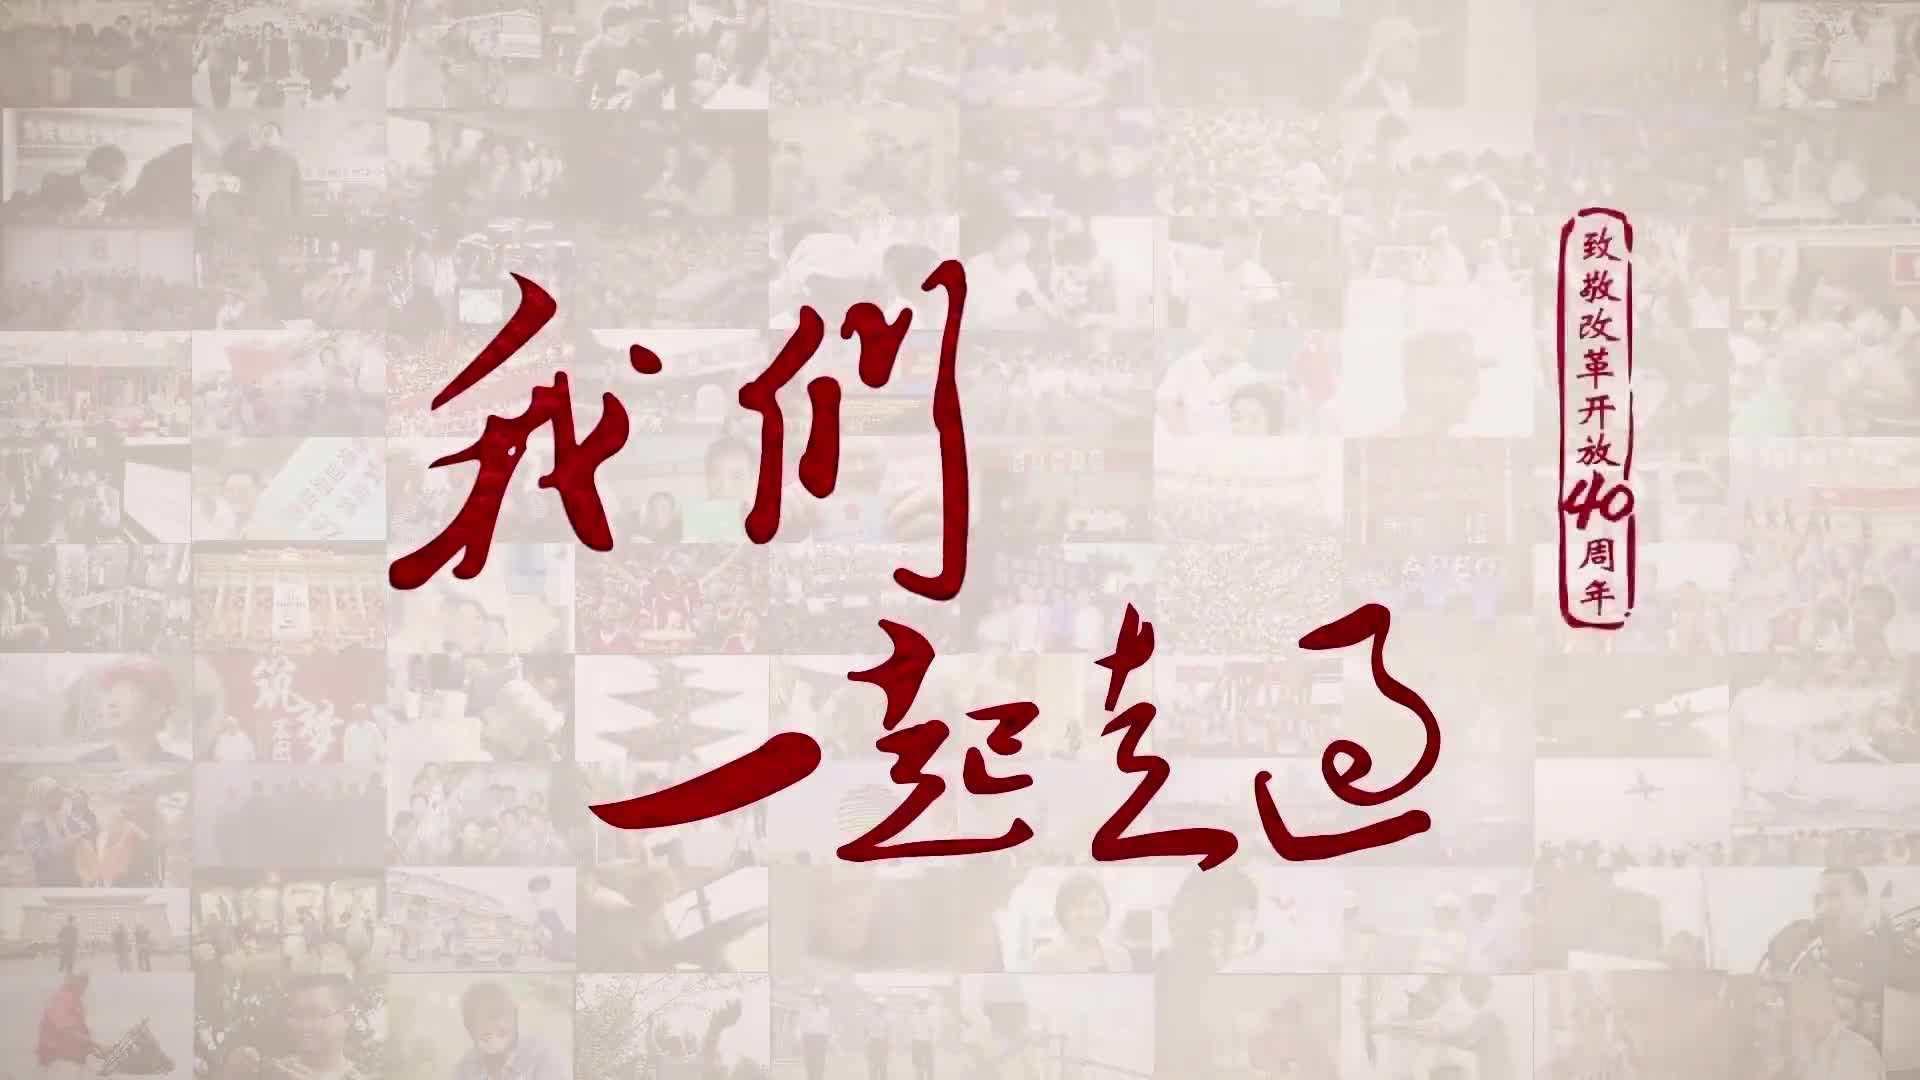 《我们一起走过——致敬改革开放40周年》 第十五集 强军战歌最嘹亮